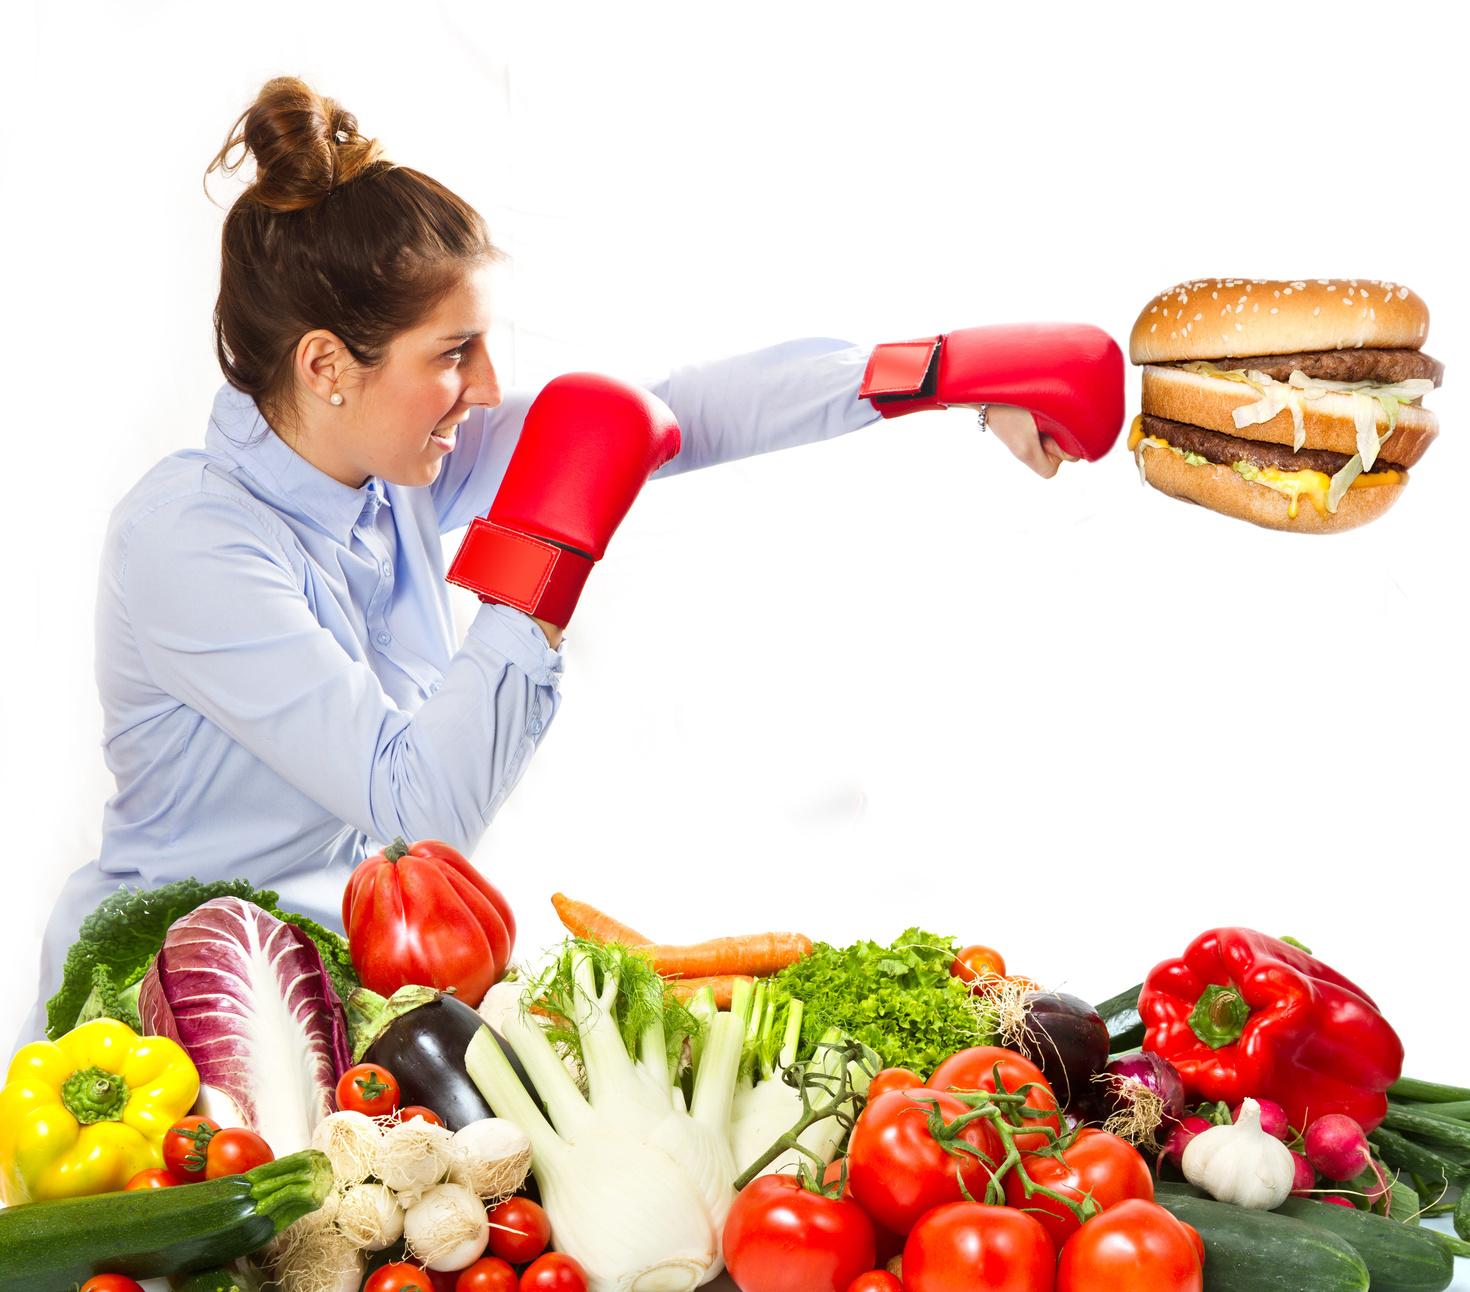 przykładowy jadłospis na diecie